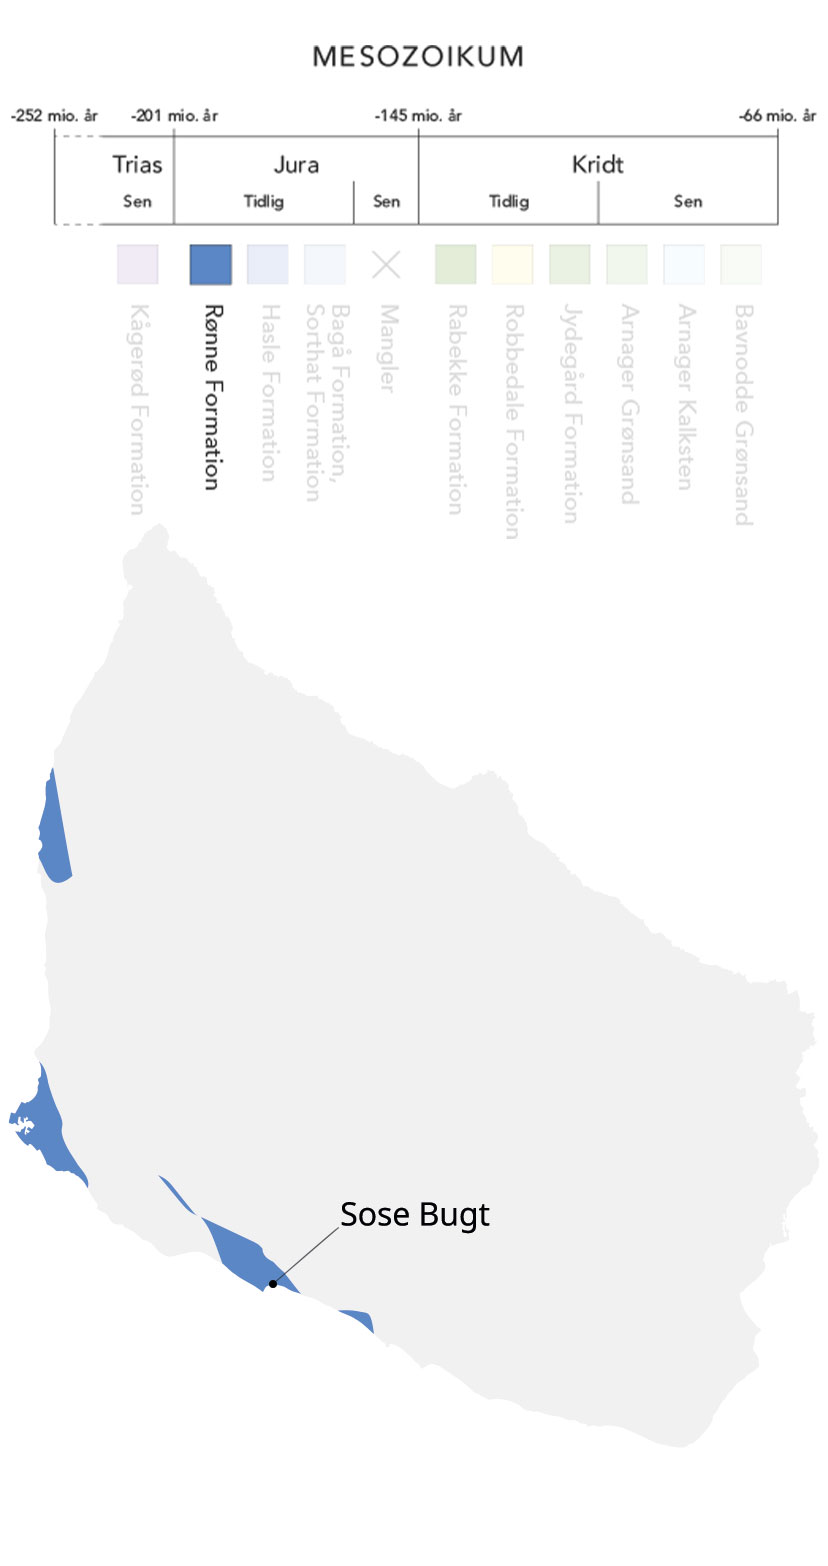 Kort over Bornholm og Rønne formation